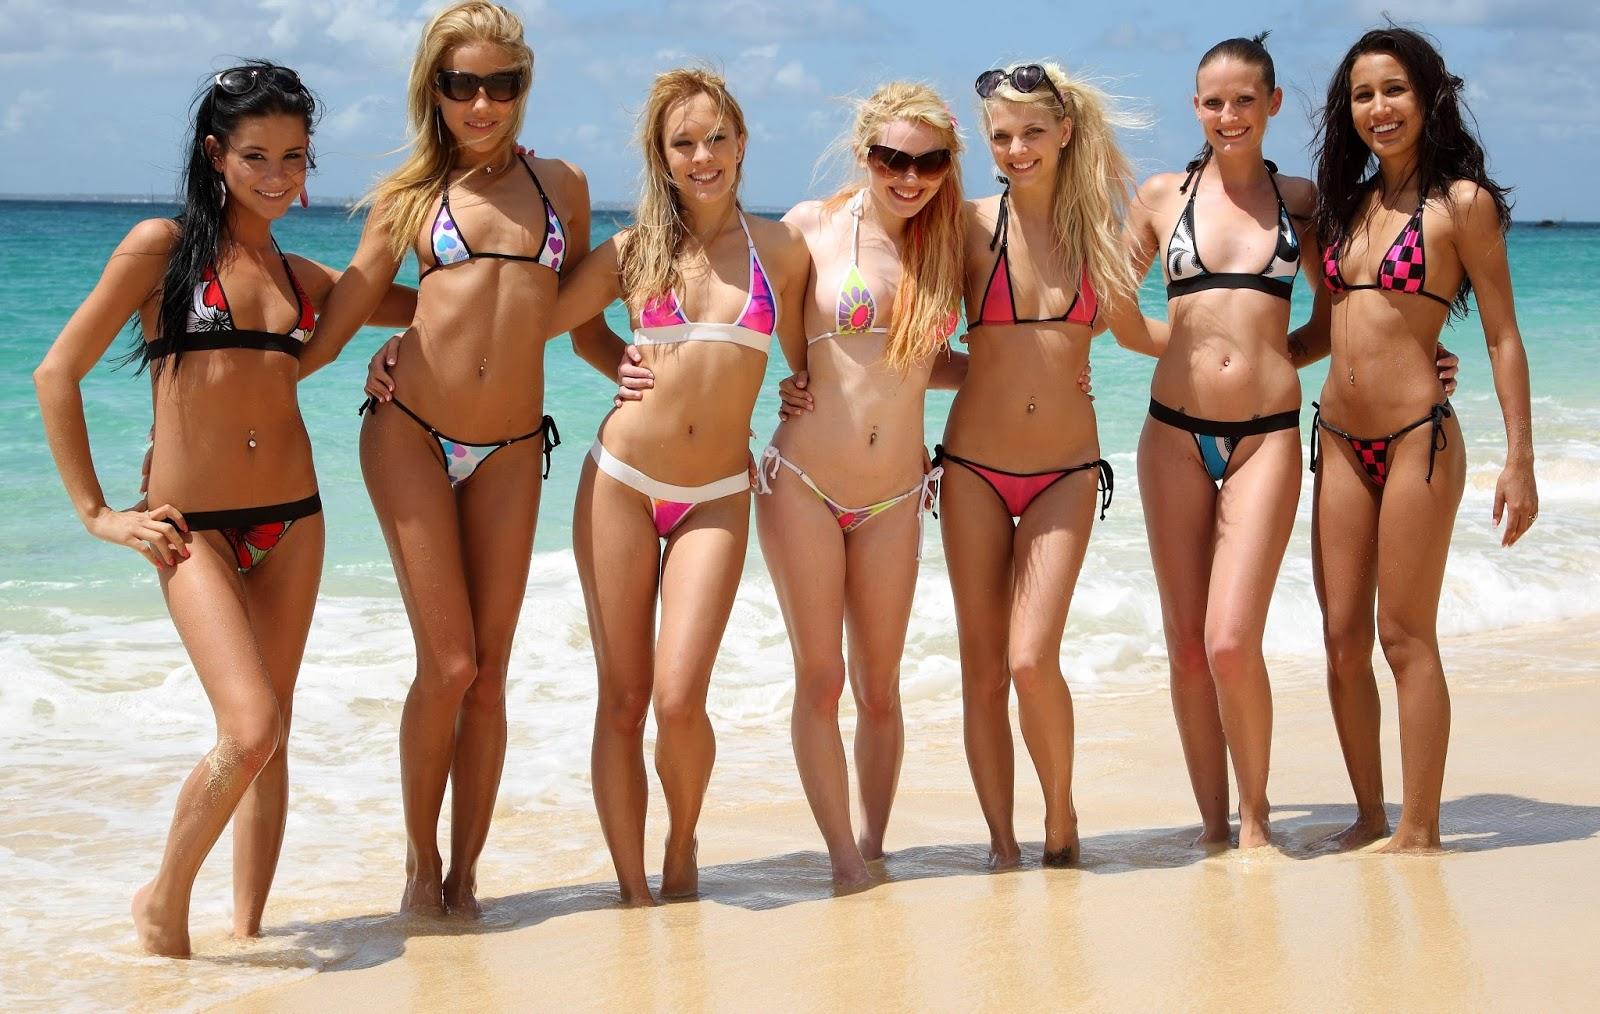 Эротический кастинг русских женщин на пляже 9 фотография